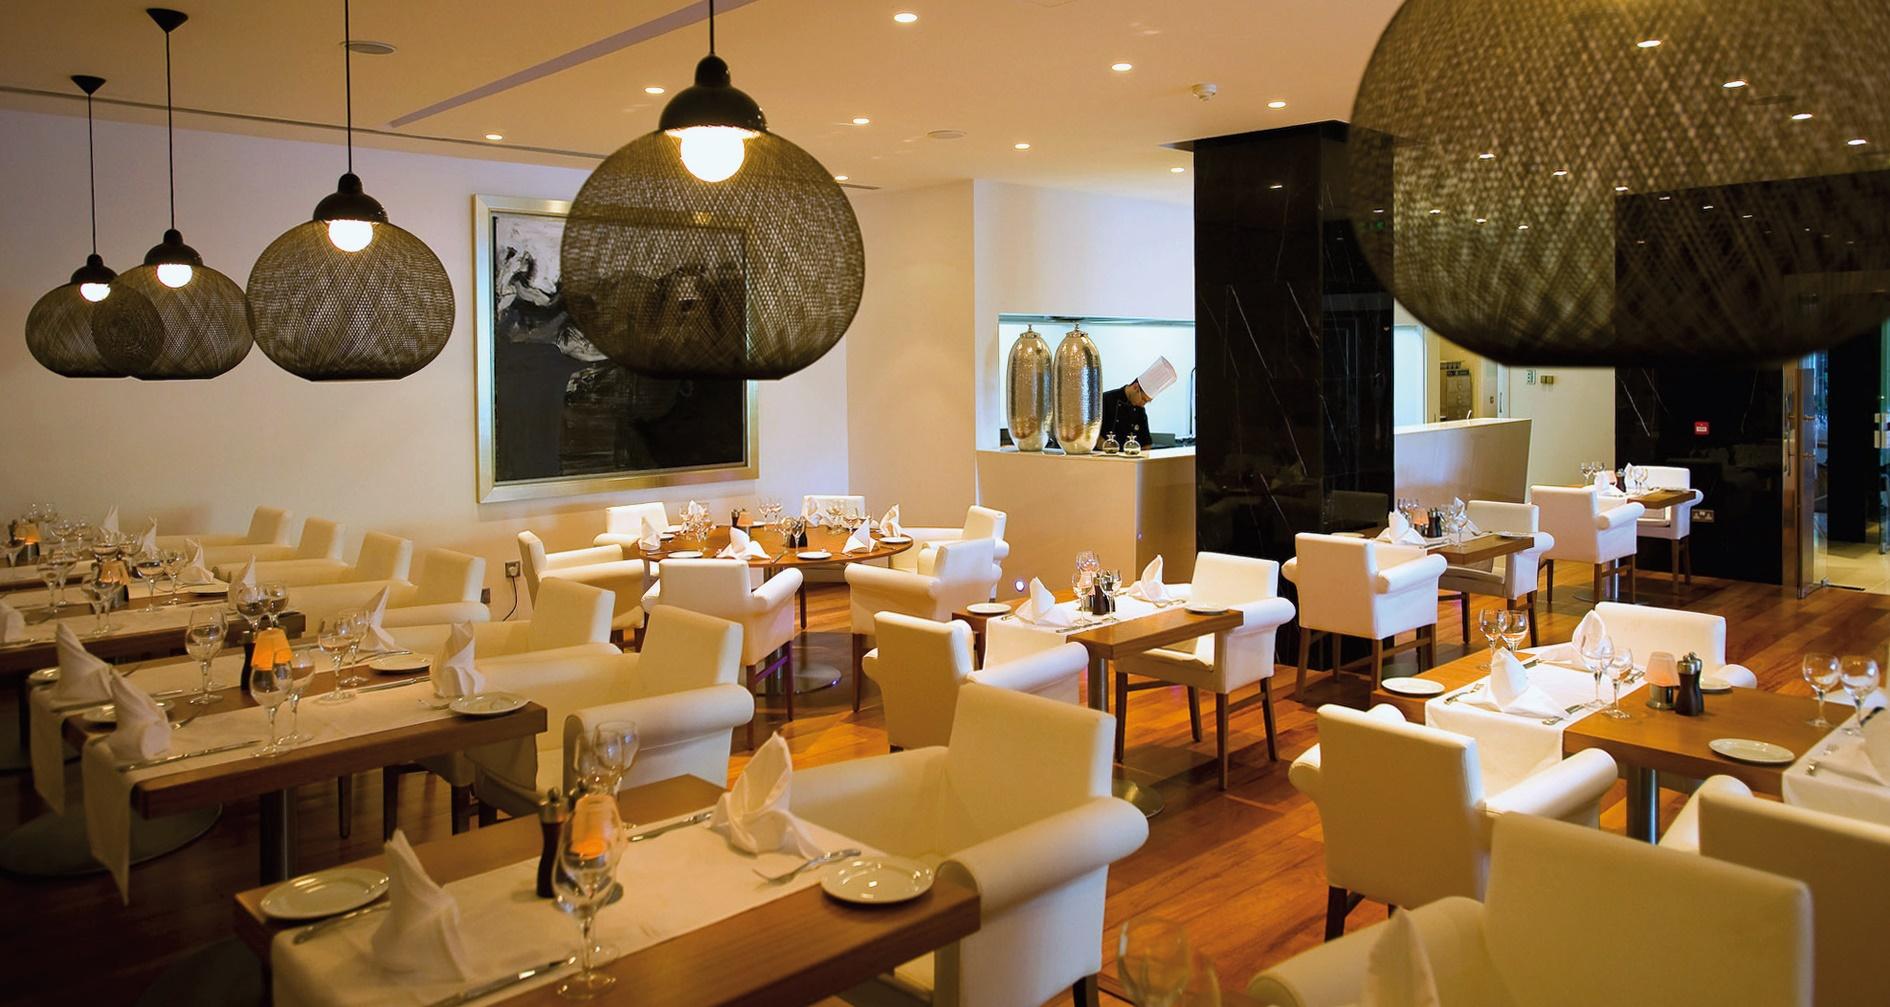 Dalla ristorazione d'albergo alla ristorazione in Albergo. La commodity diviene asset strategico